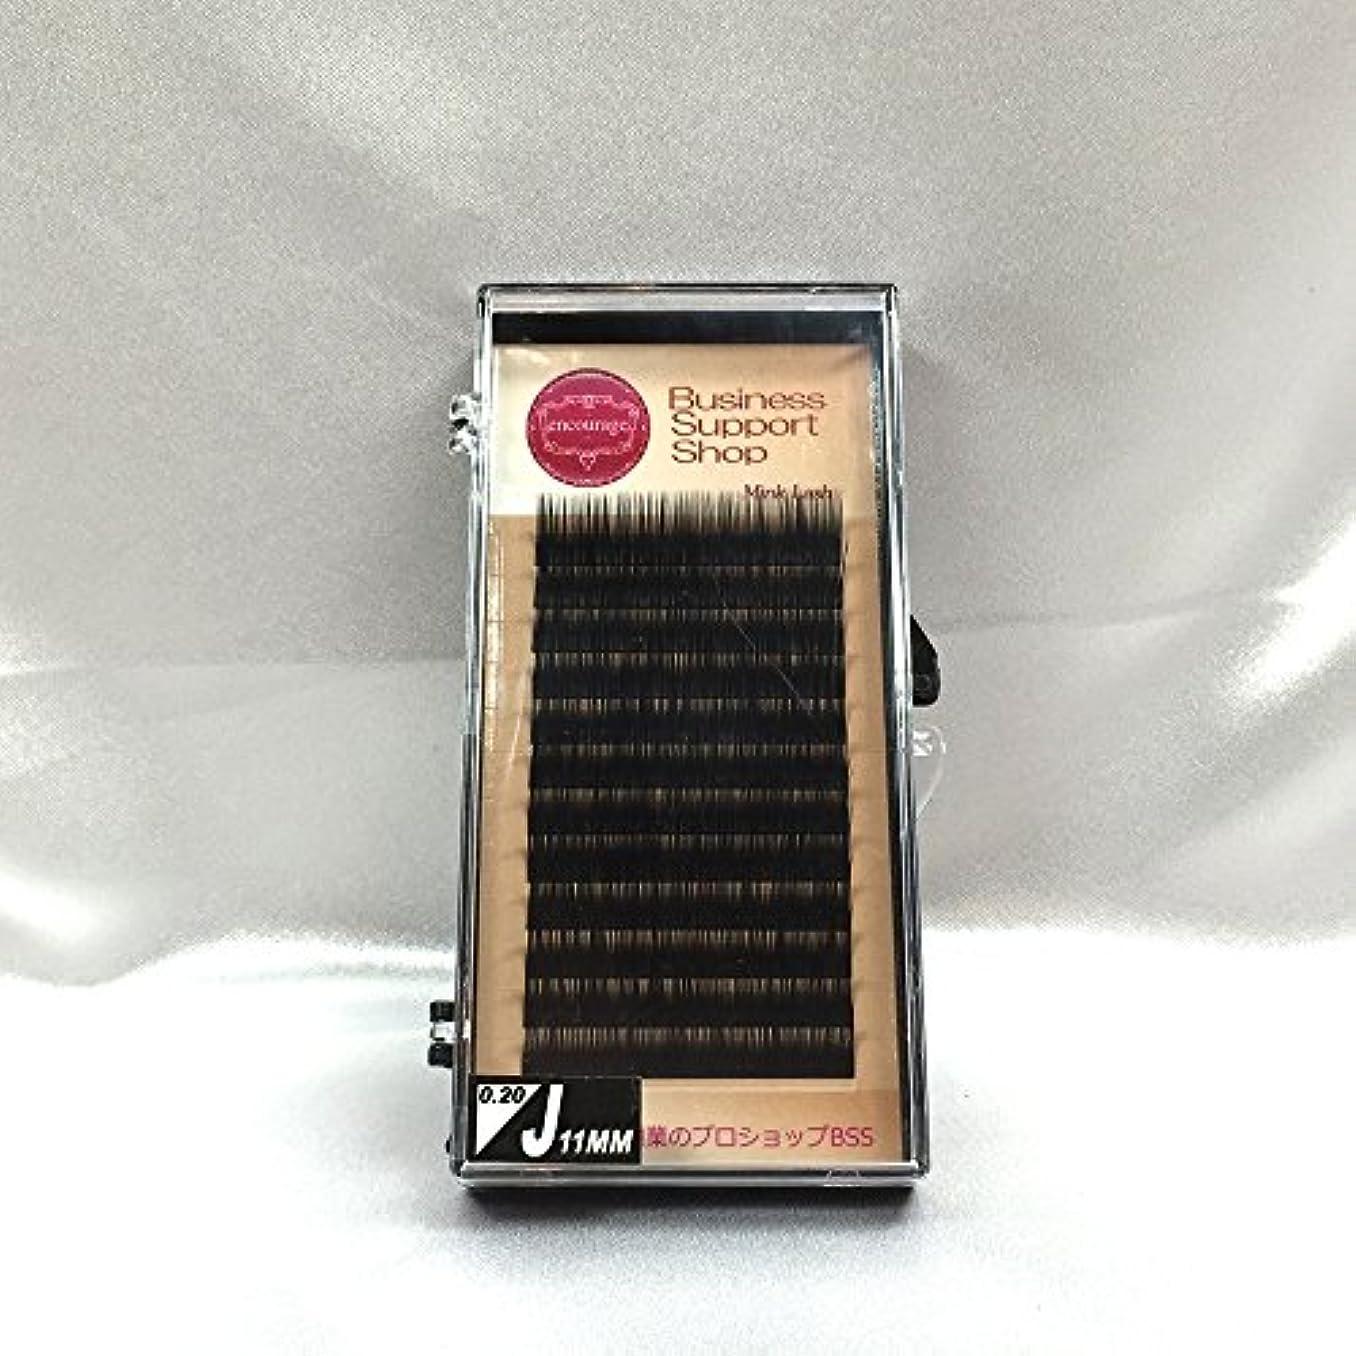 電池傘ハブまつげエクステ Jカール(太さ長さ指定) 高級ミンクまつげ 12列シートタイプ ケース入り (太0.20 長11mm)